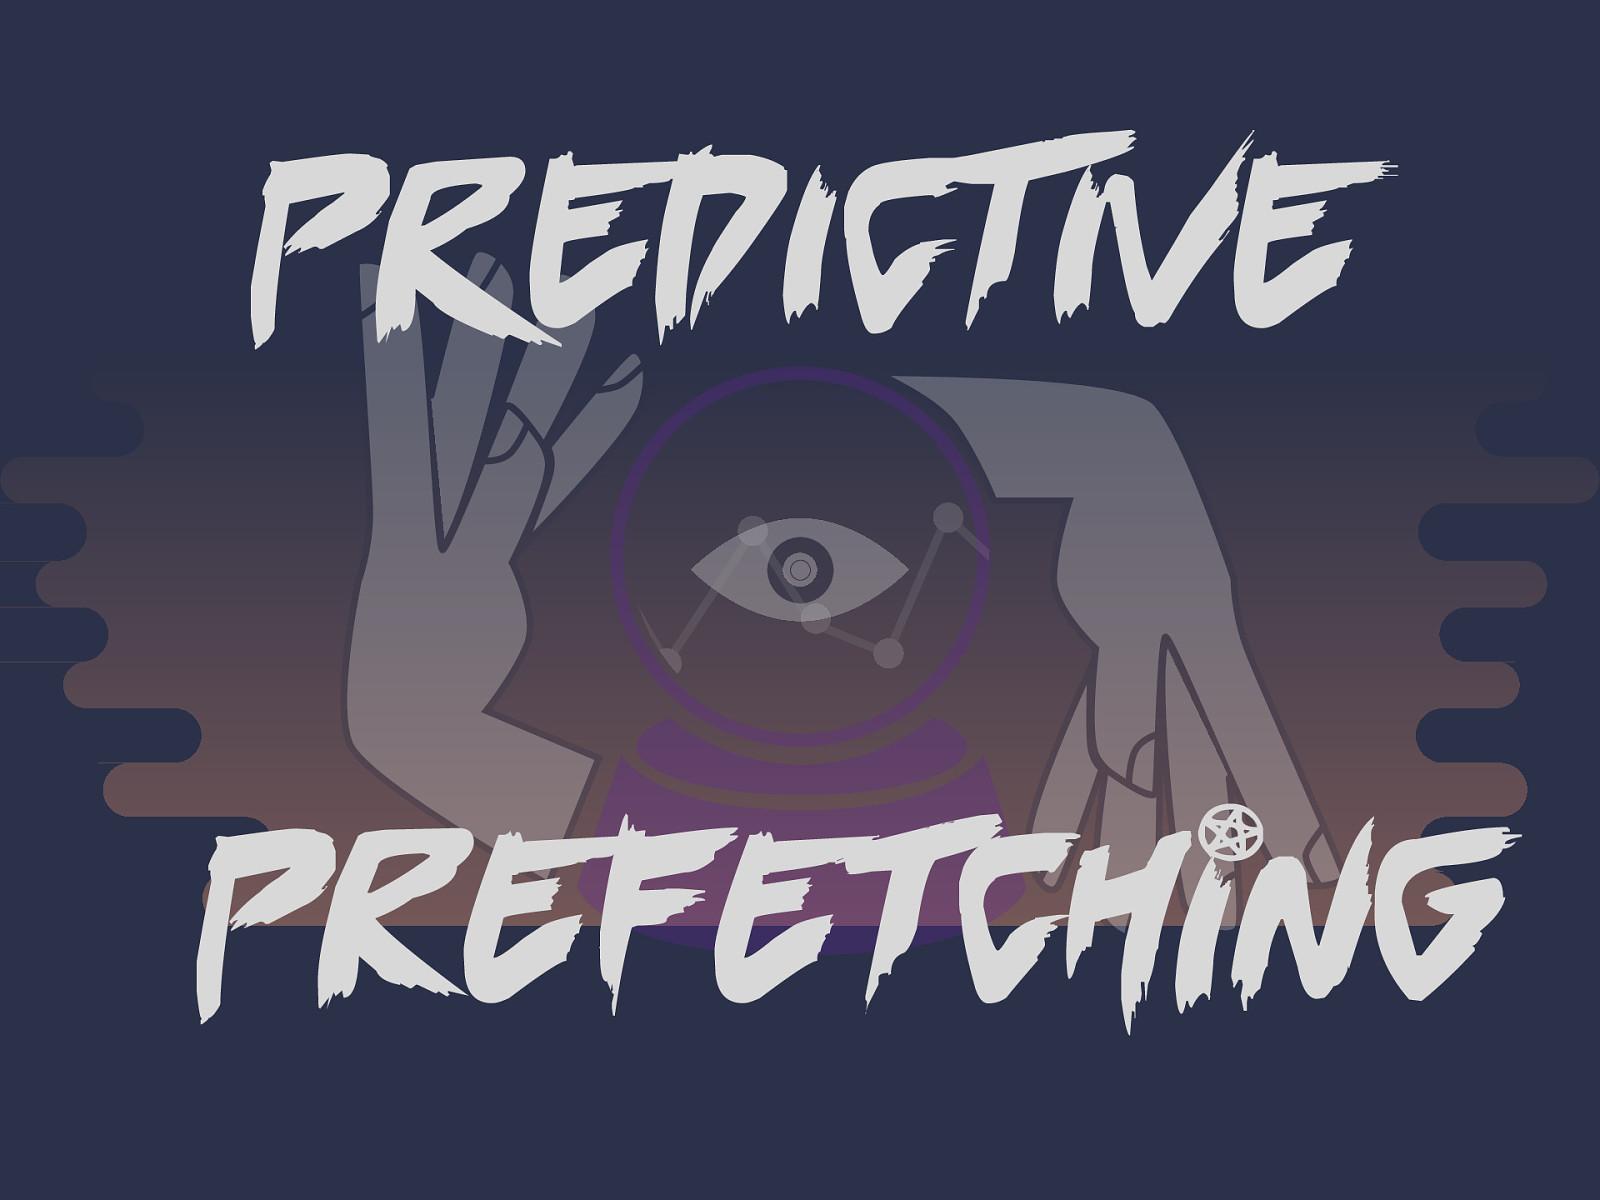 Predictive Prefetching